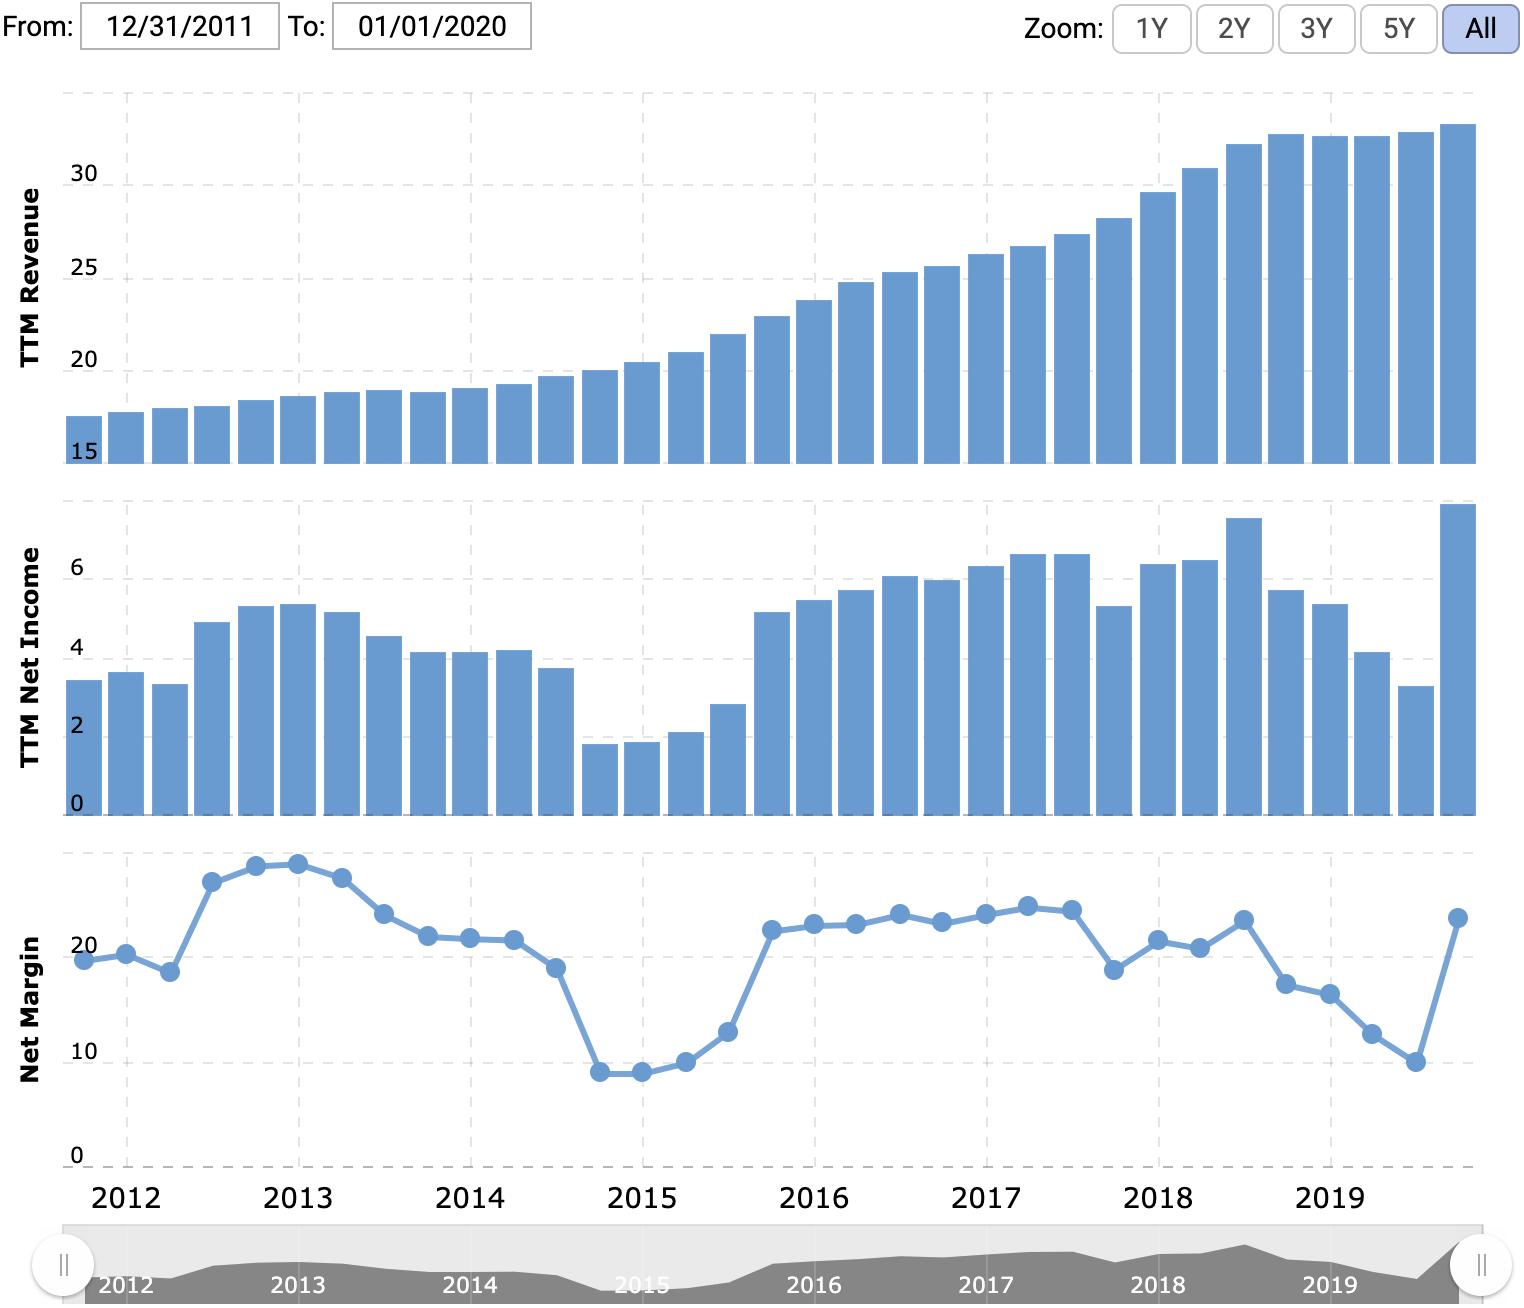 Выручка, прибыль — оба показателя за последние 12 месяцев в миллиардах долларов, итоговая маржа в процентах от выручки. Источник: Macrotrends